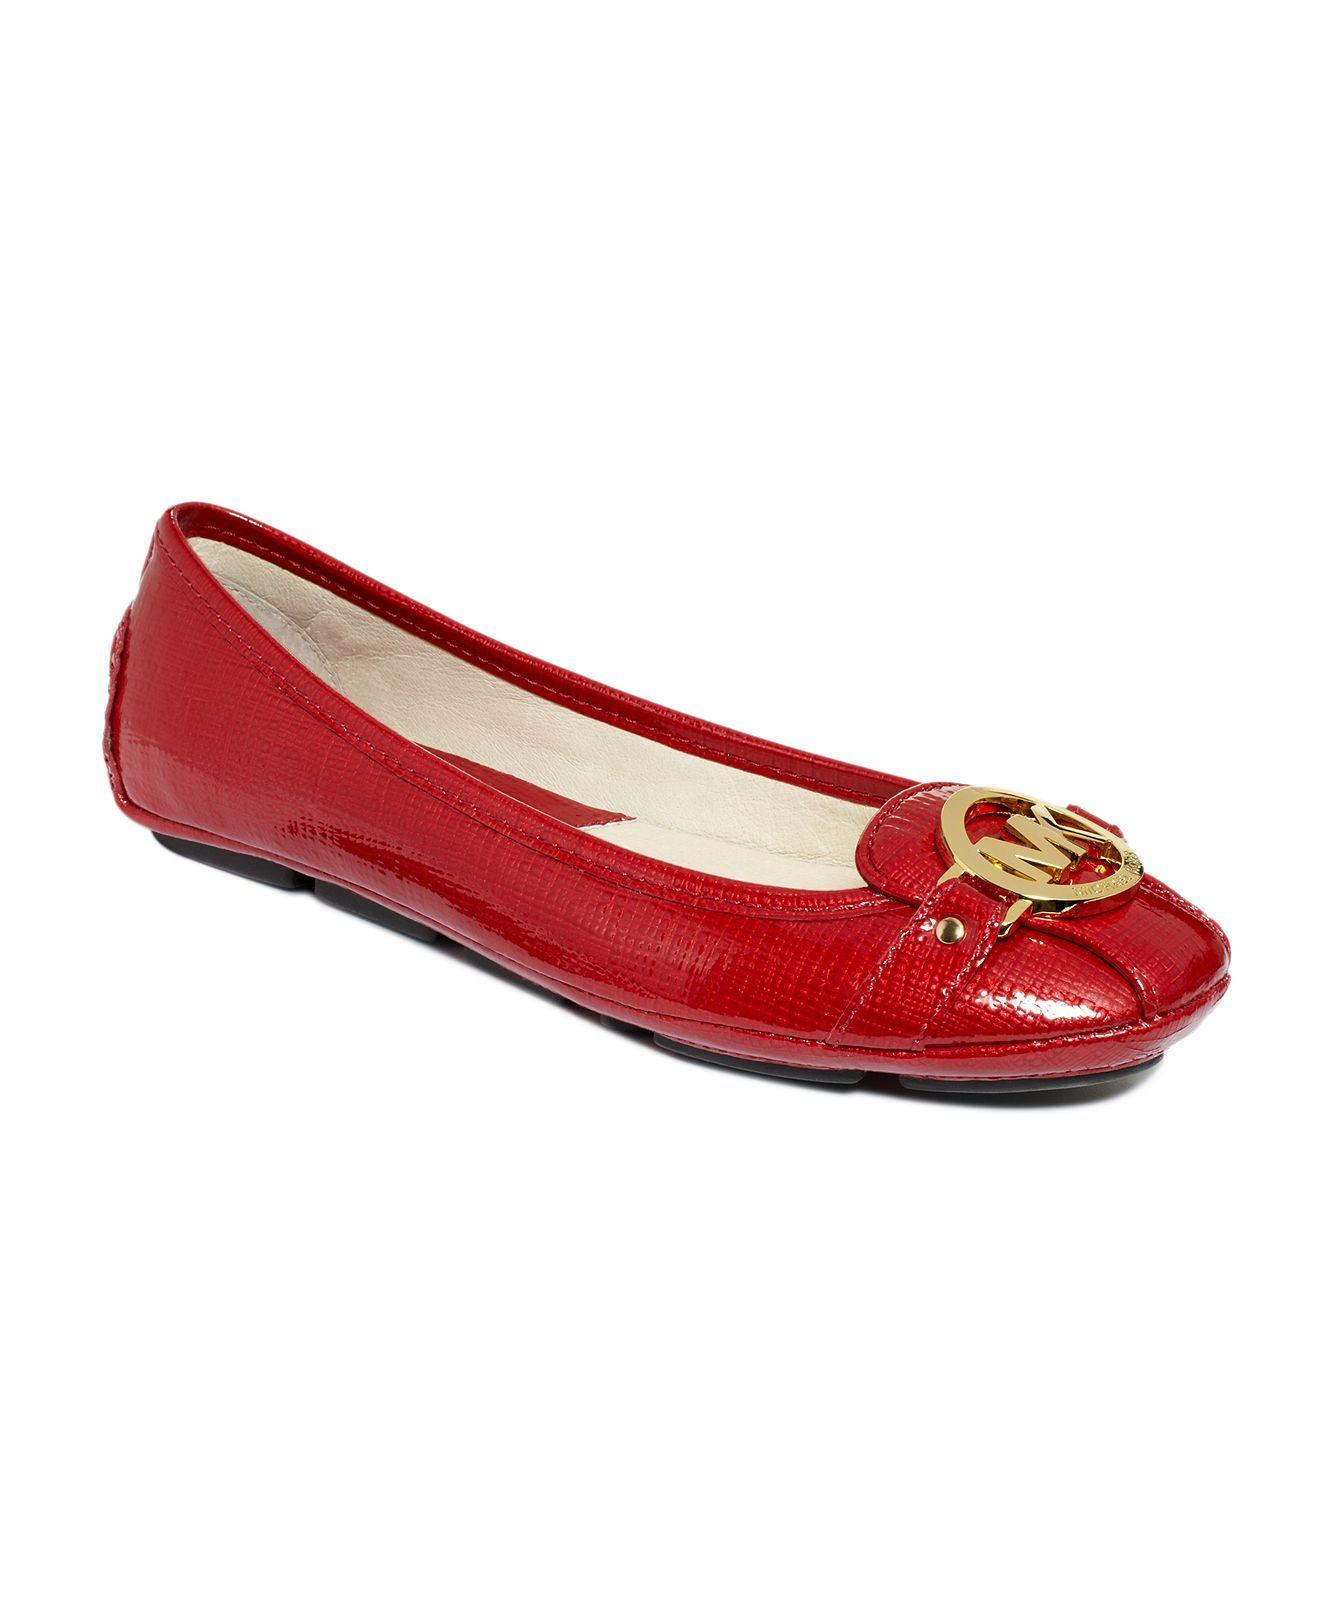 MICHAEL Michael Kors Shoes, Fulton Moc